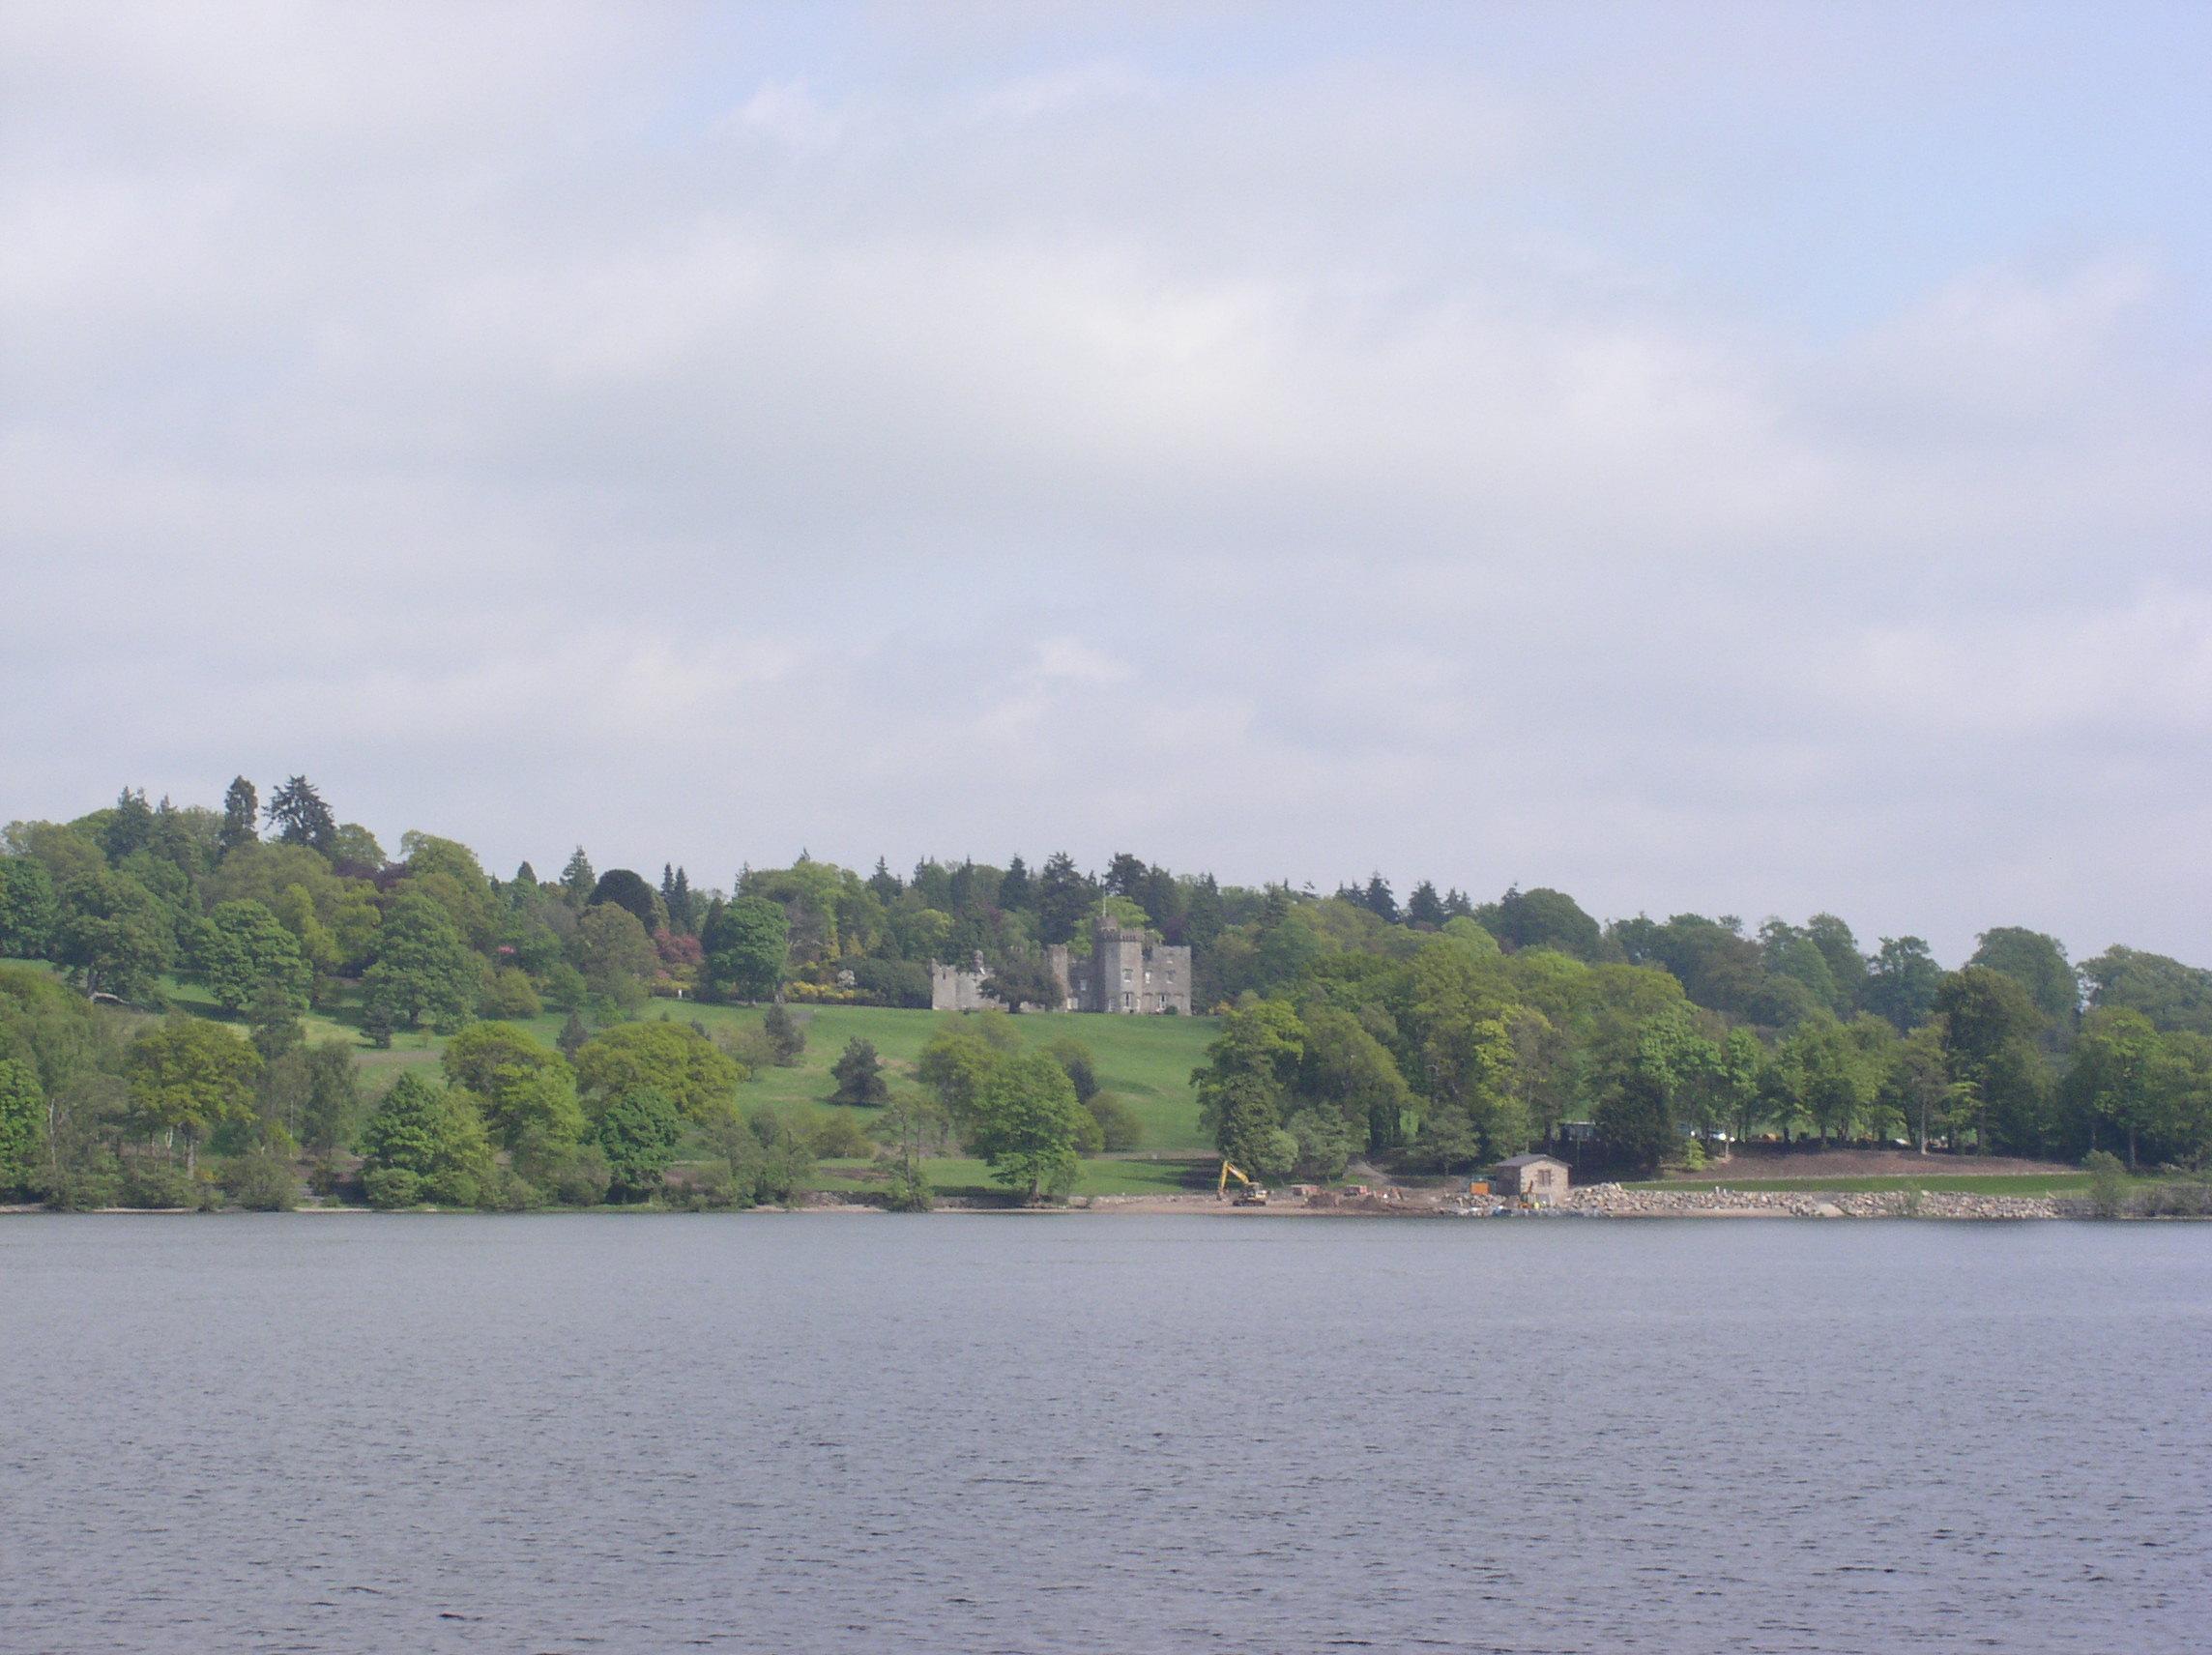 5 11 04 Loch Lomond 3.JPG